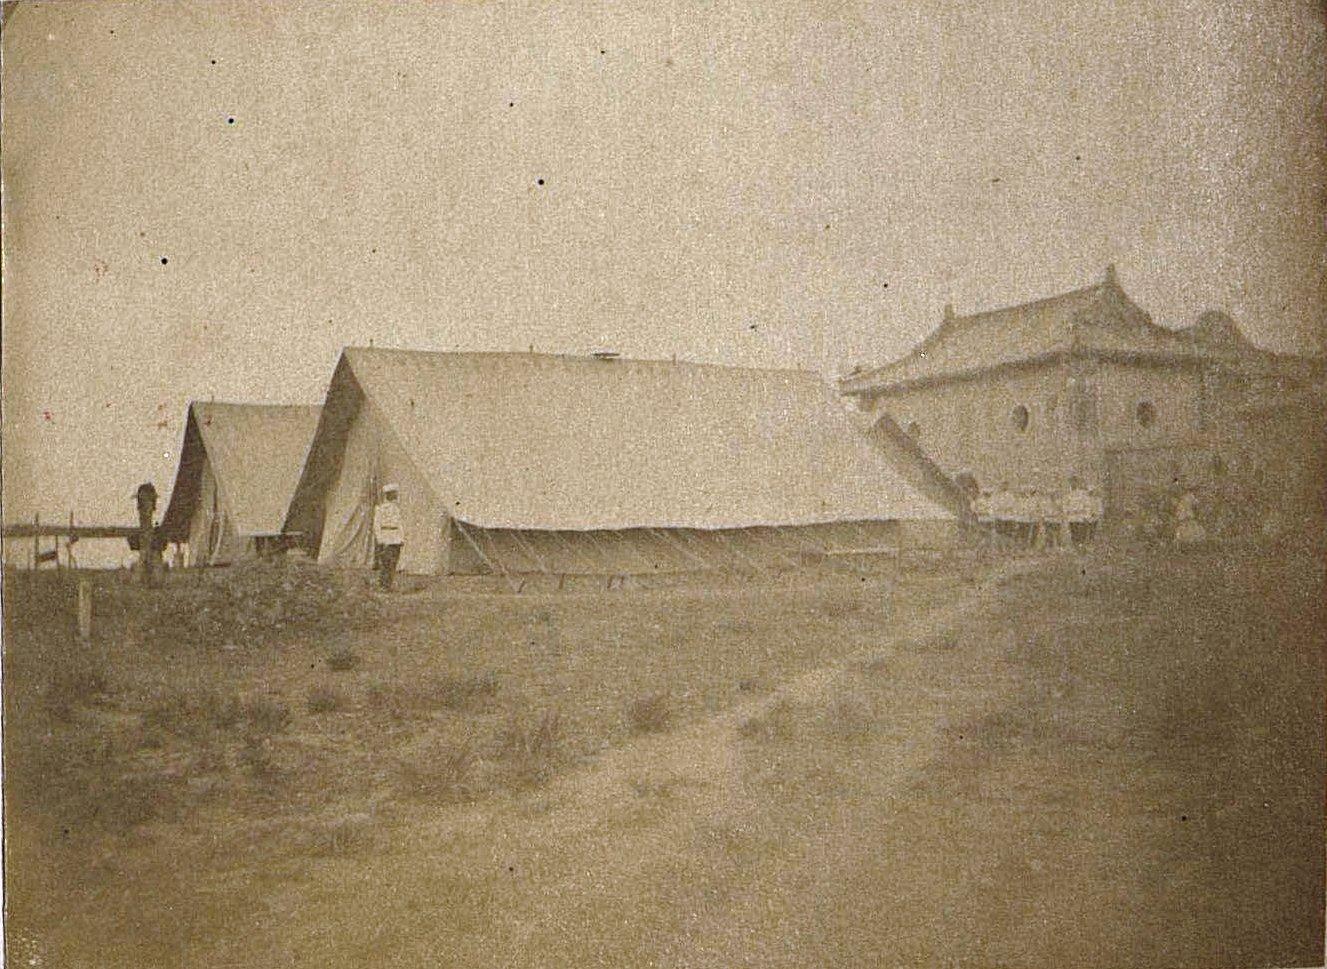 1898. Китай, г. Талиенван. Бараки сухопутных войск. Август